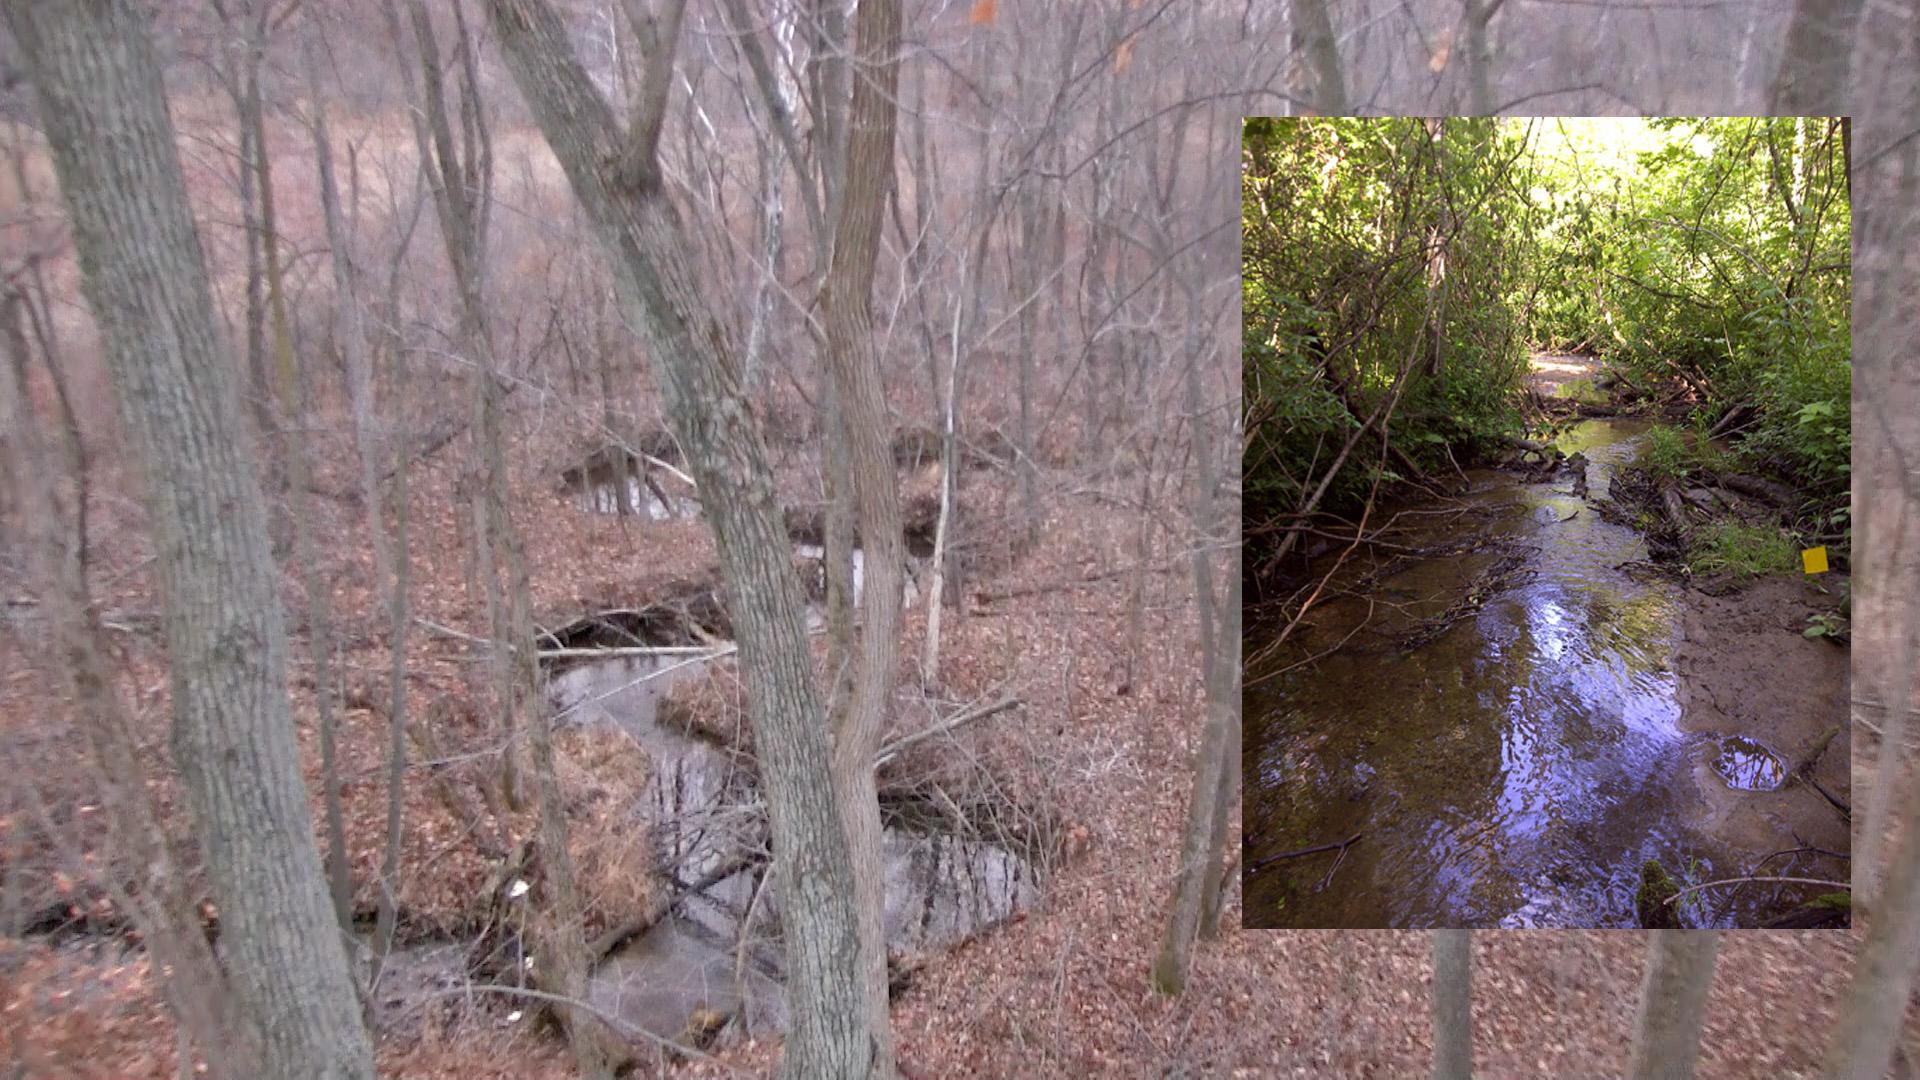 Edh Property For Sale Extreme Deer Habitat